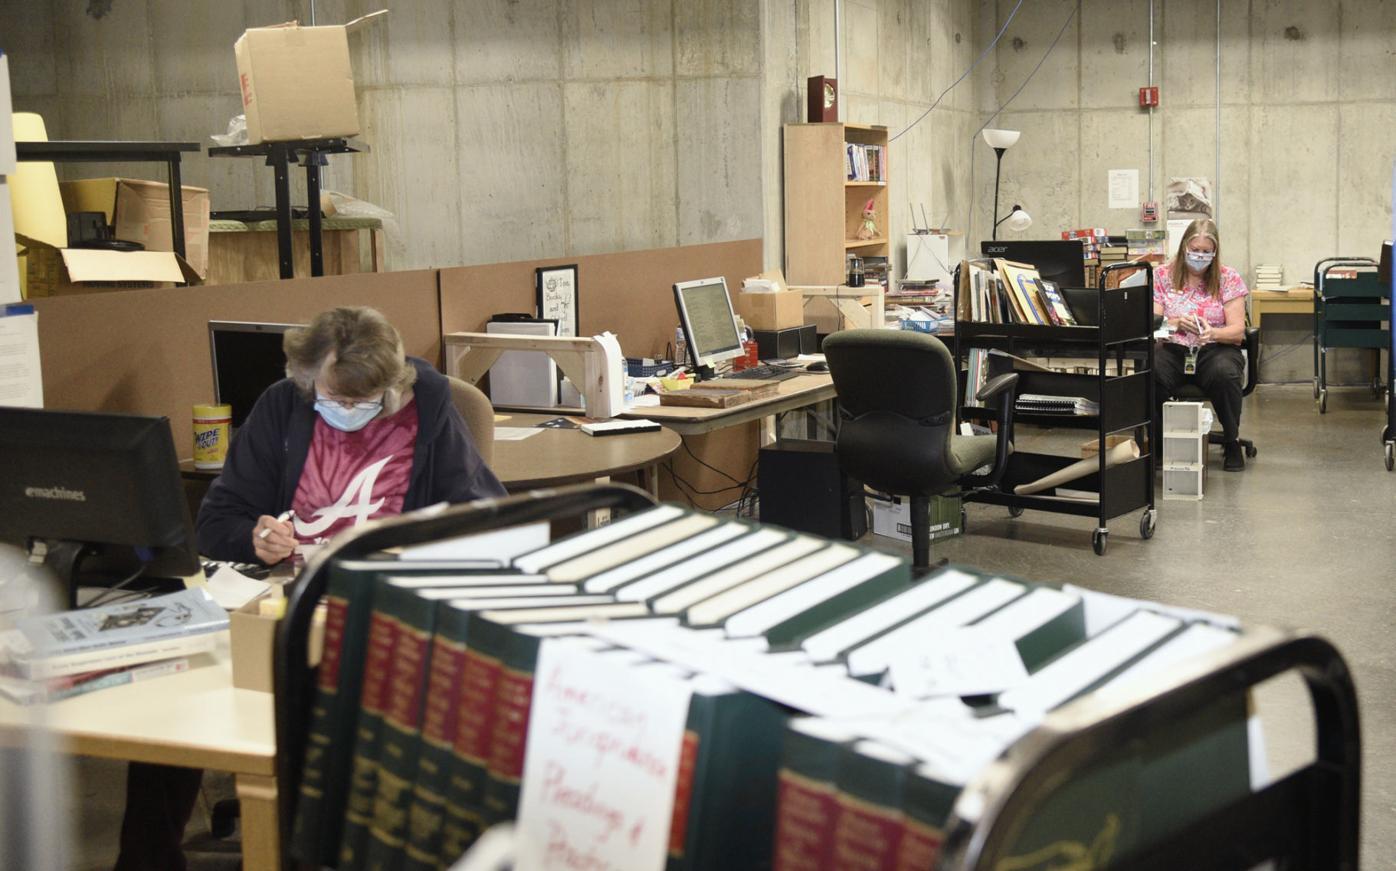 MDT-04082021-n-library-4-sdk